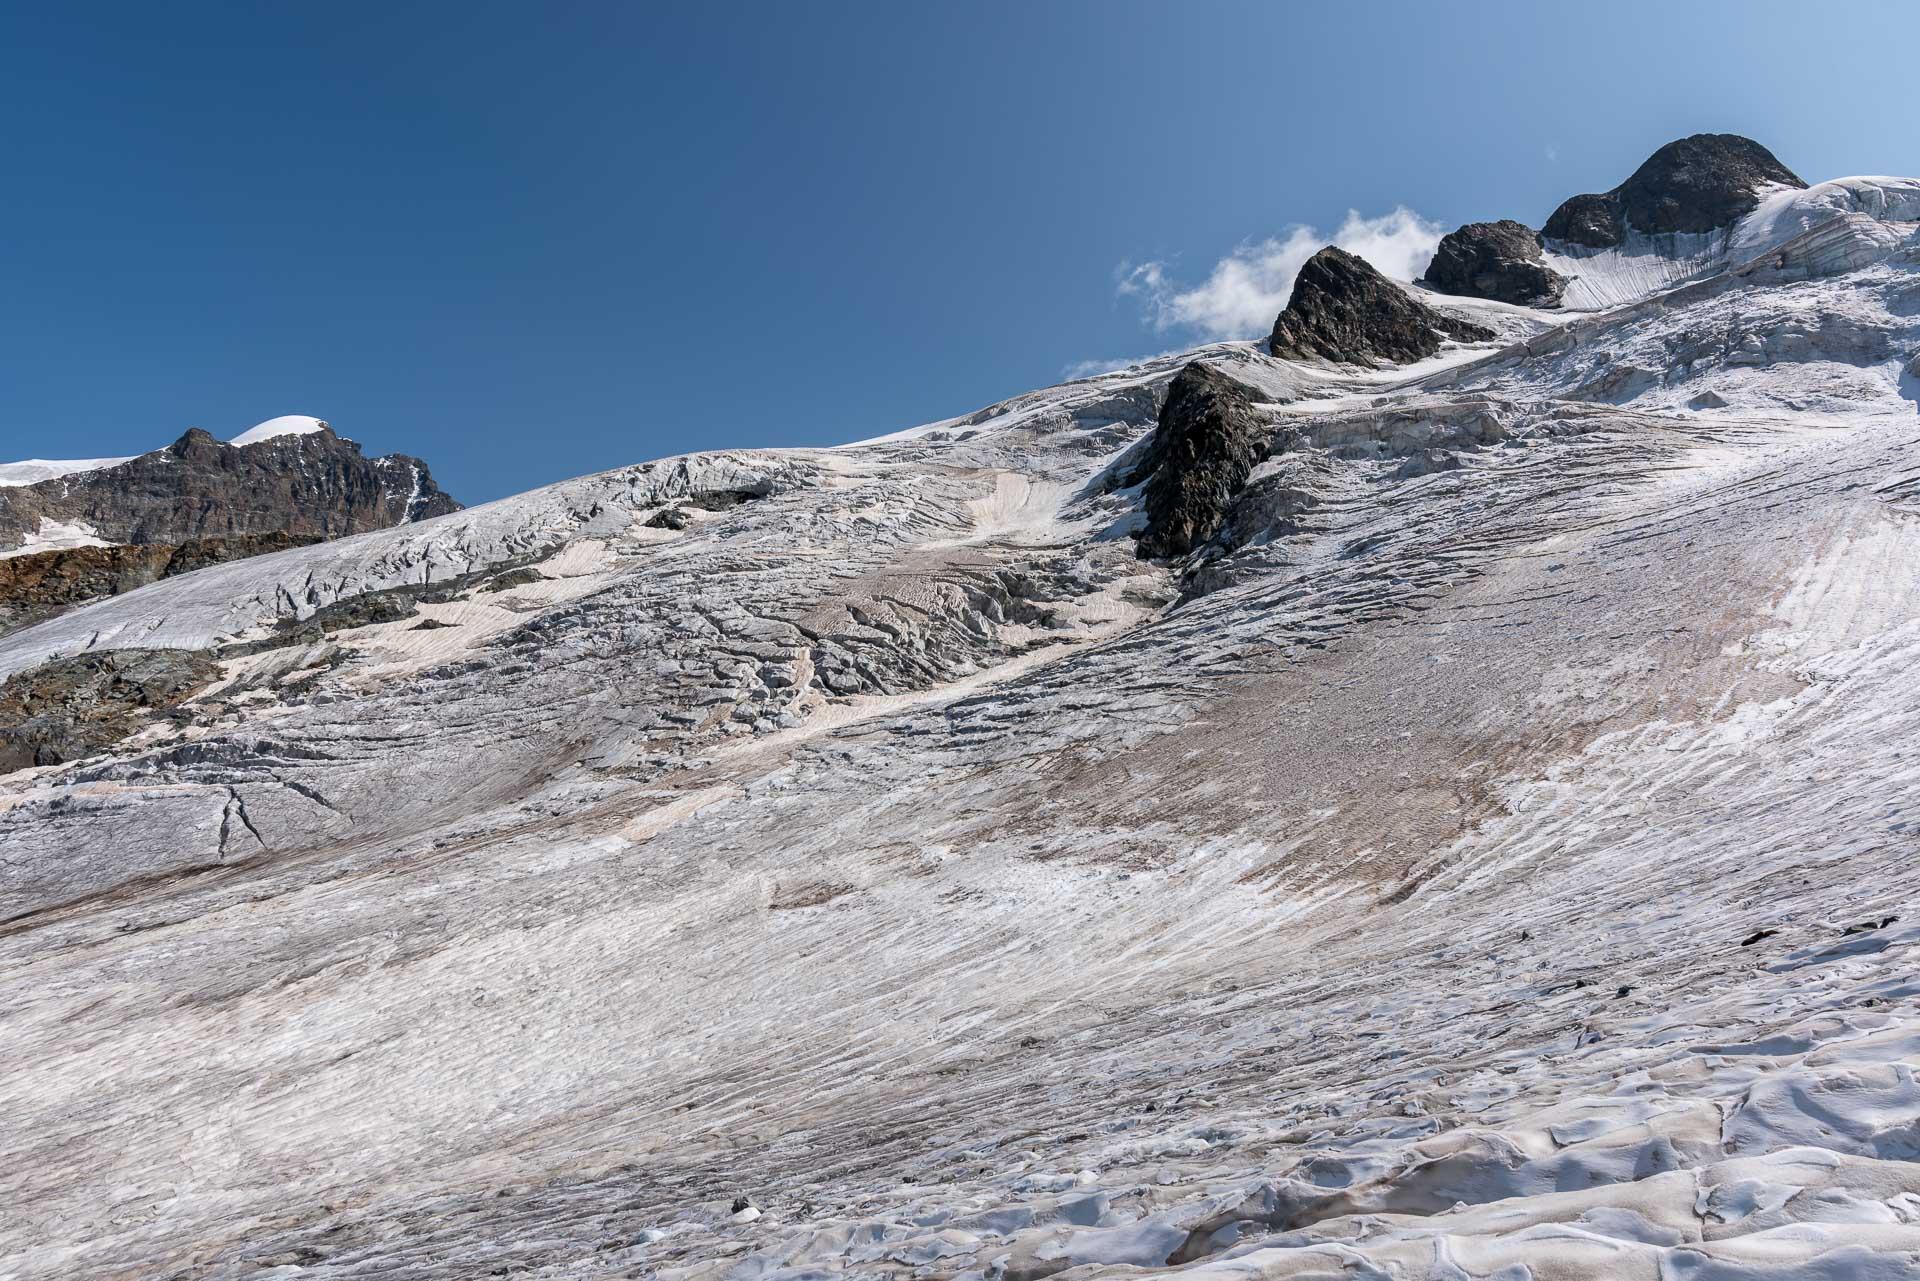 Gletscherstudie für Morgen